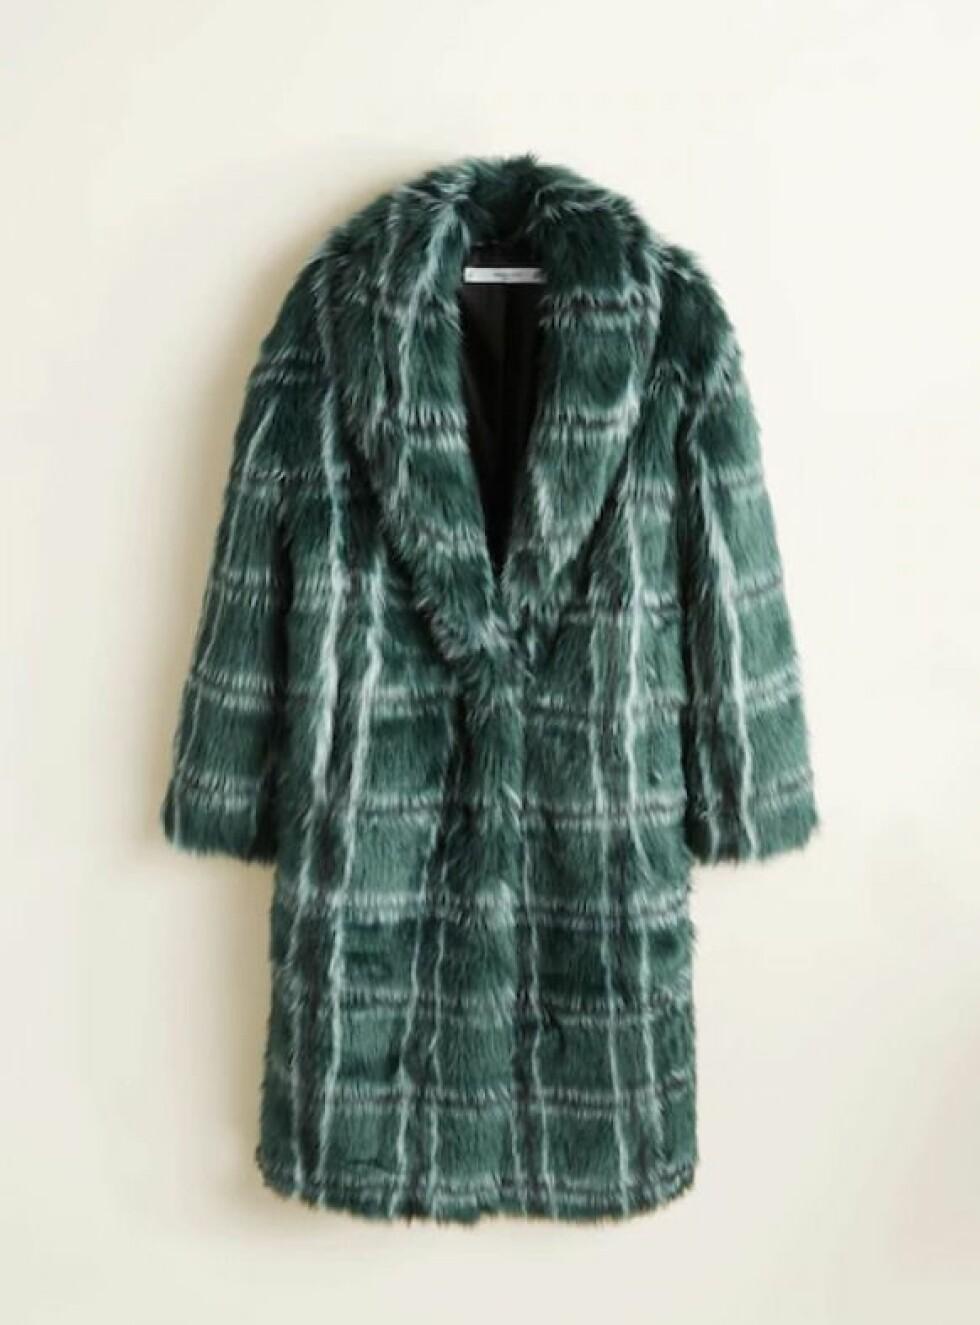 Fuskepels fra Mango |1400,-| https://shop.mango.com/no-en/women/coats-coats/checked-faux-fur-coat_33055017.html?c=49&n=1&s=search